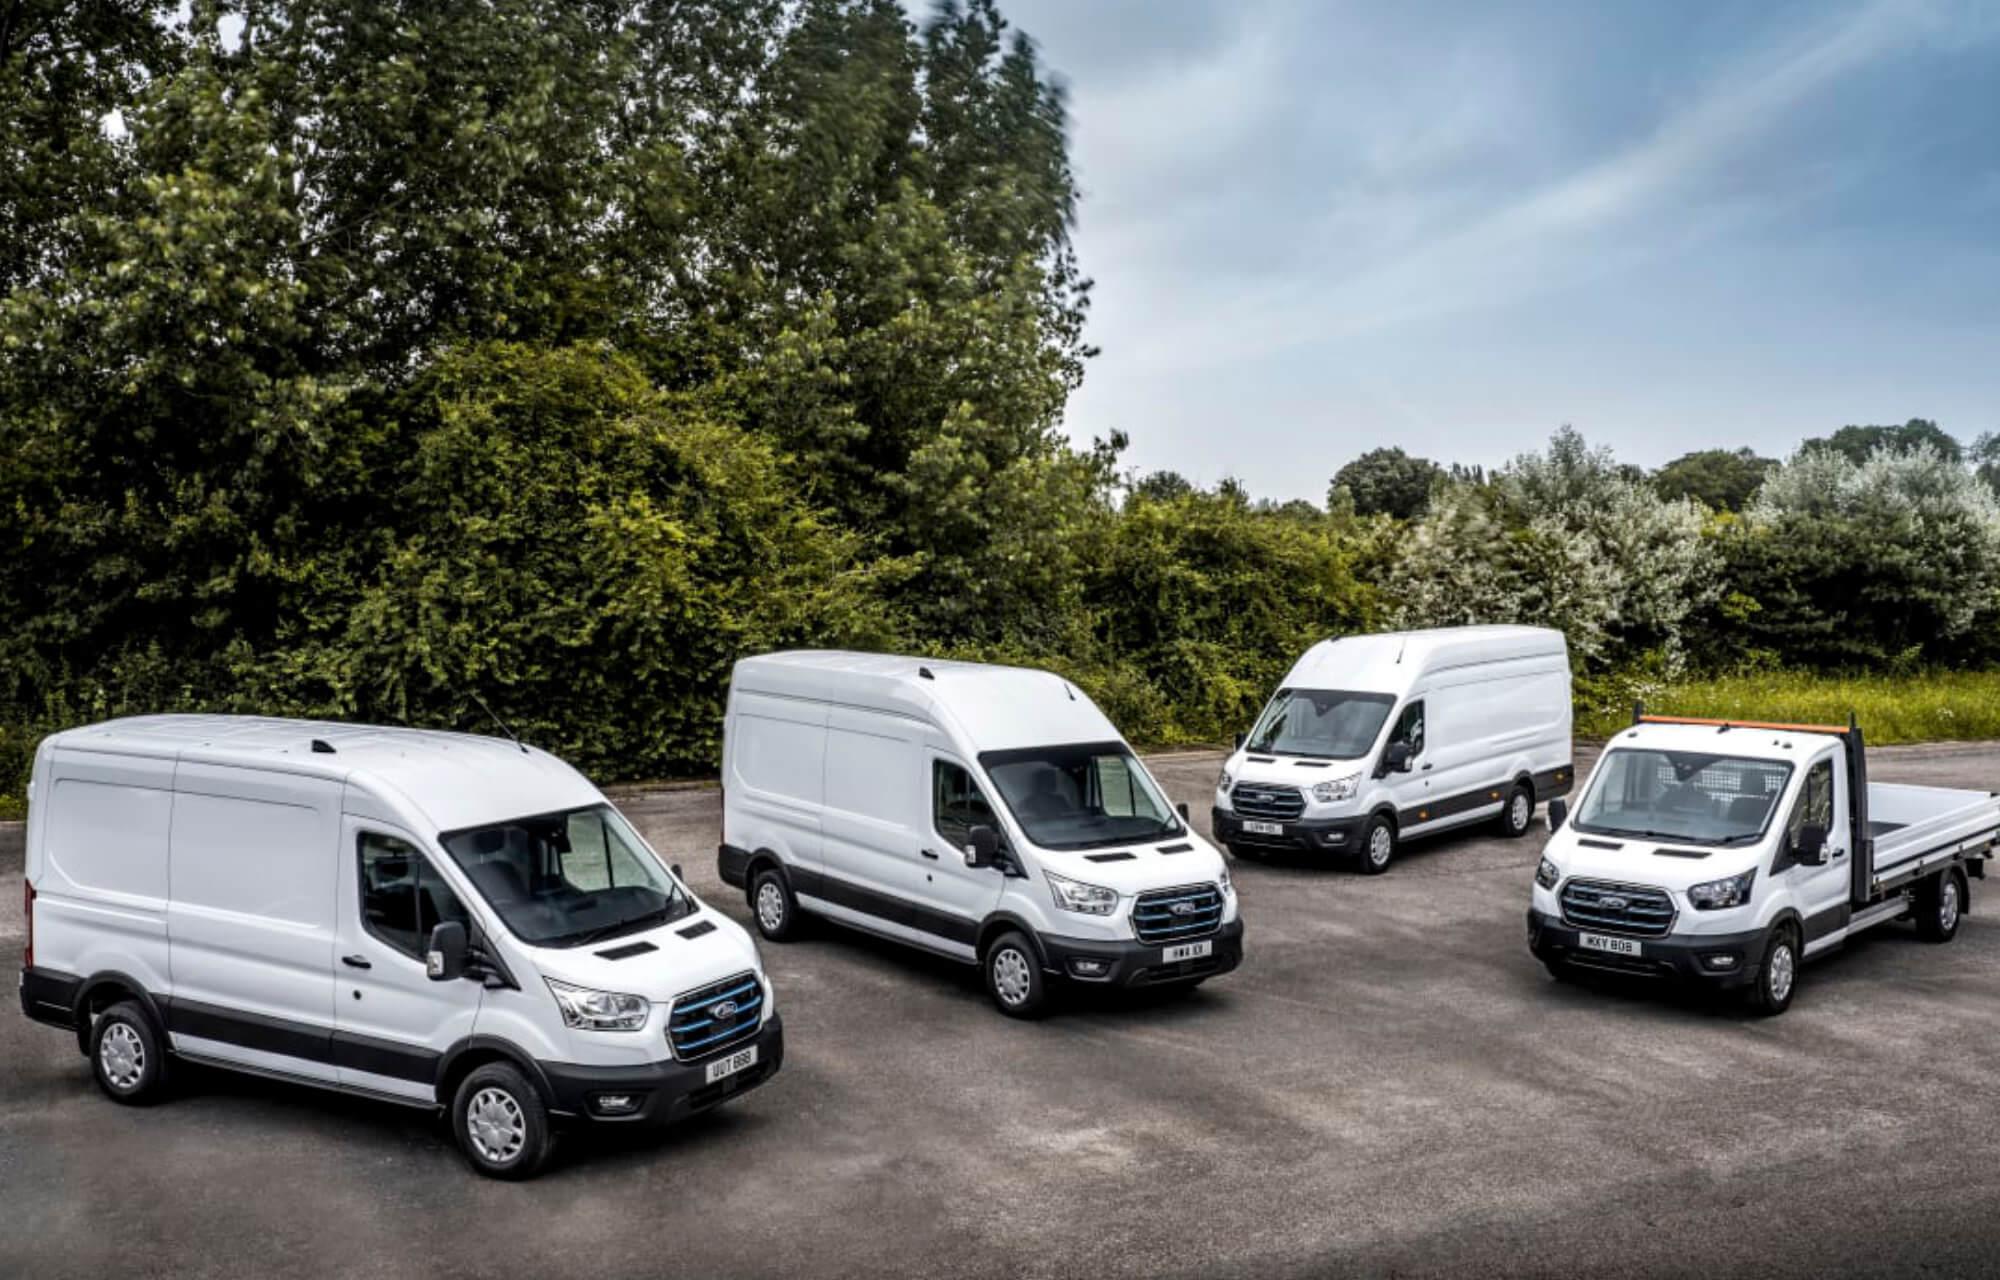 Täyssähköinen Ford E-Transit yrityksille testikäyttöön Euroopassa